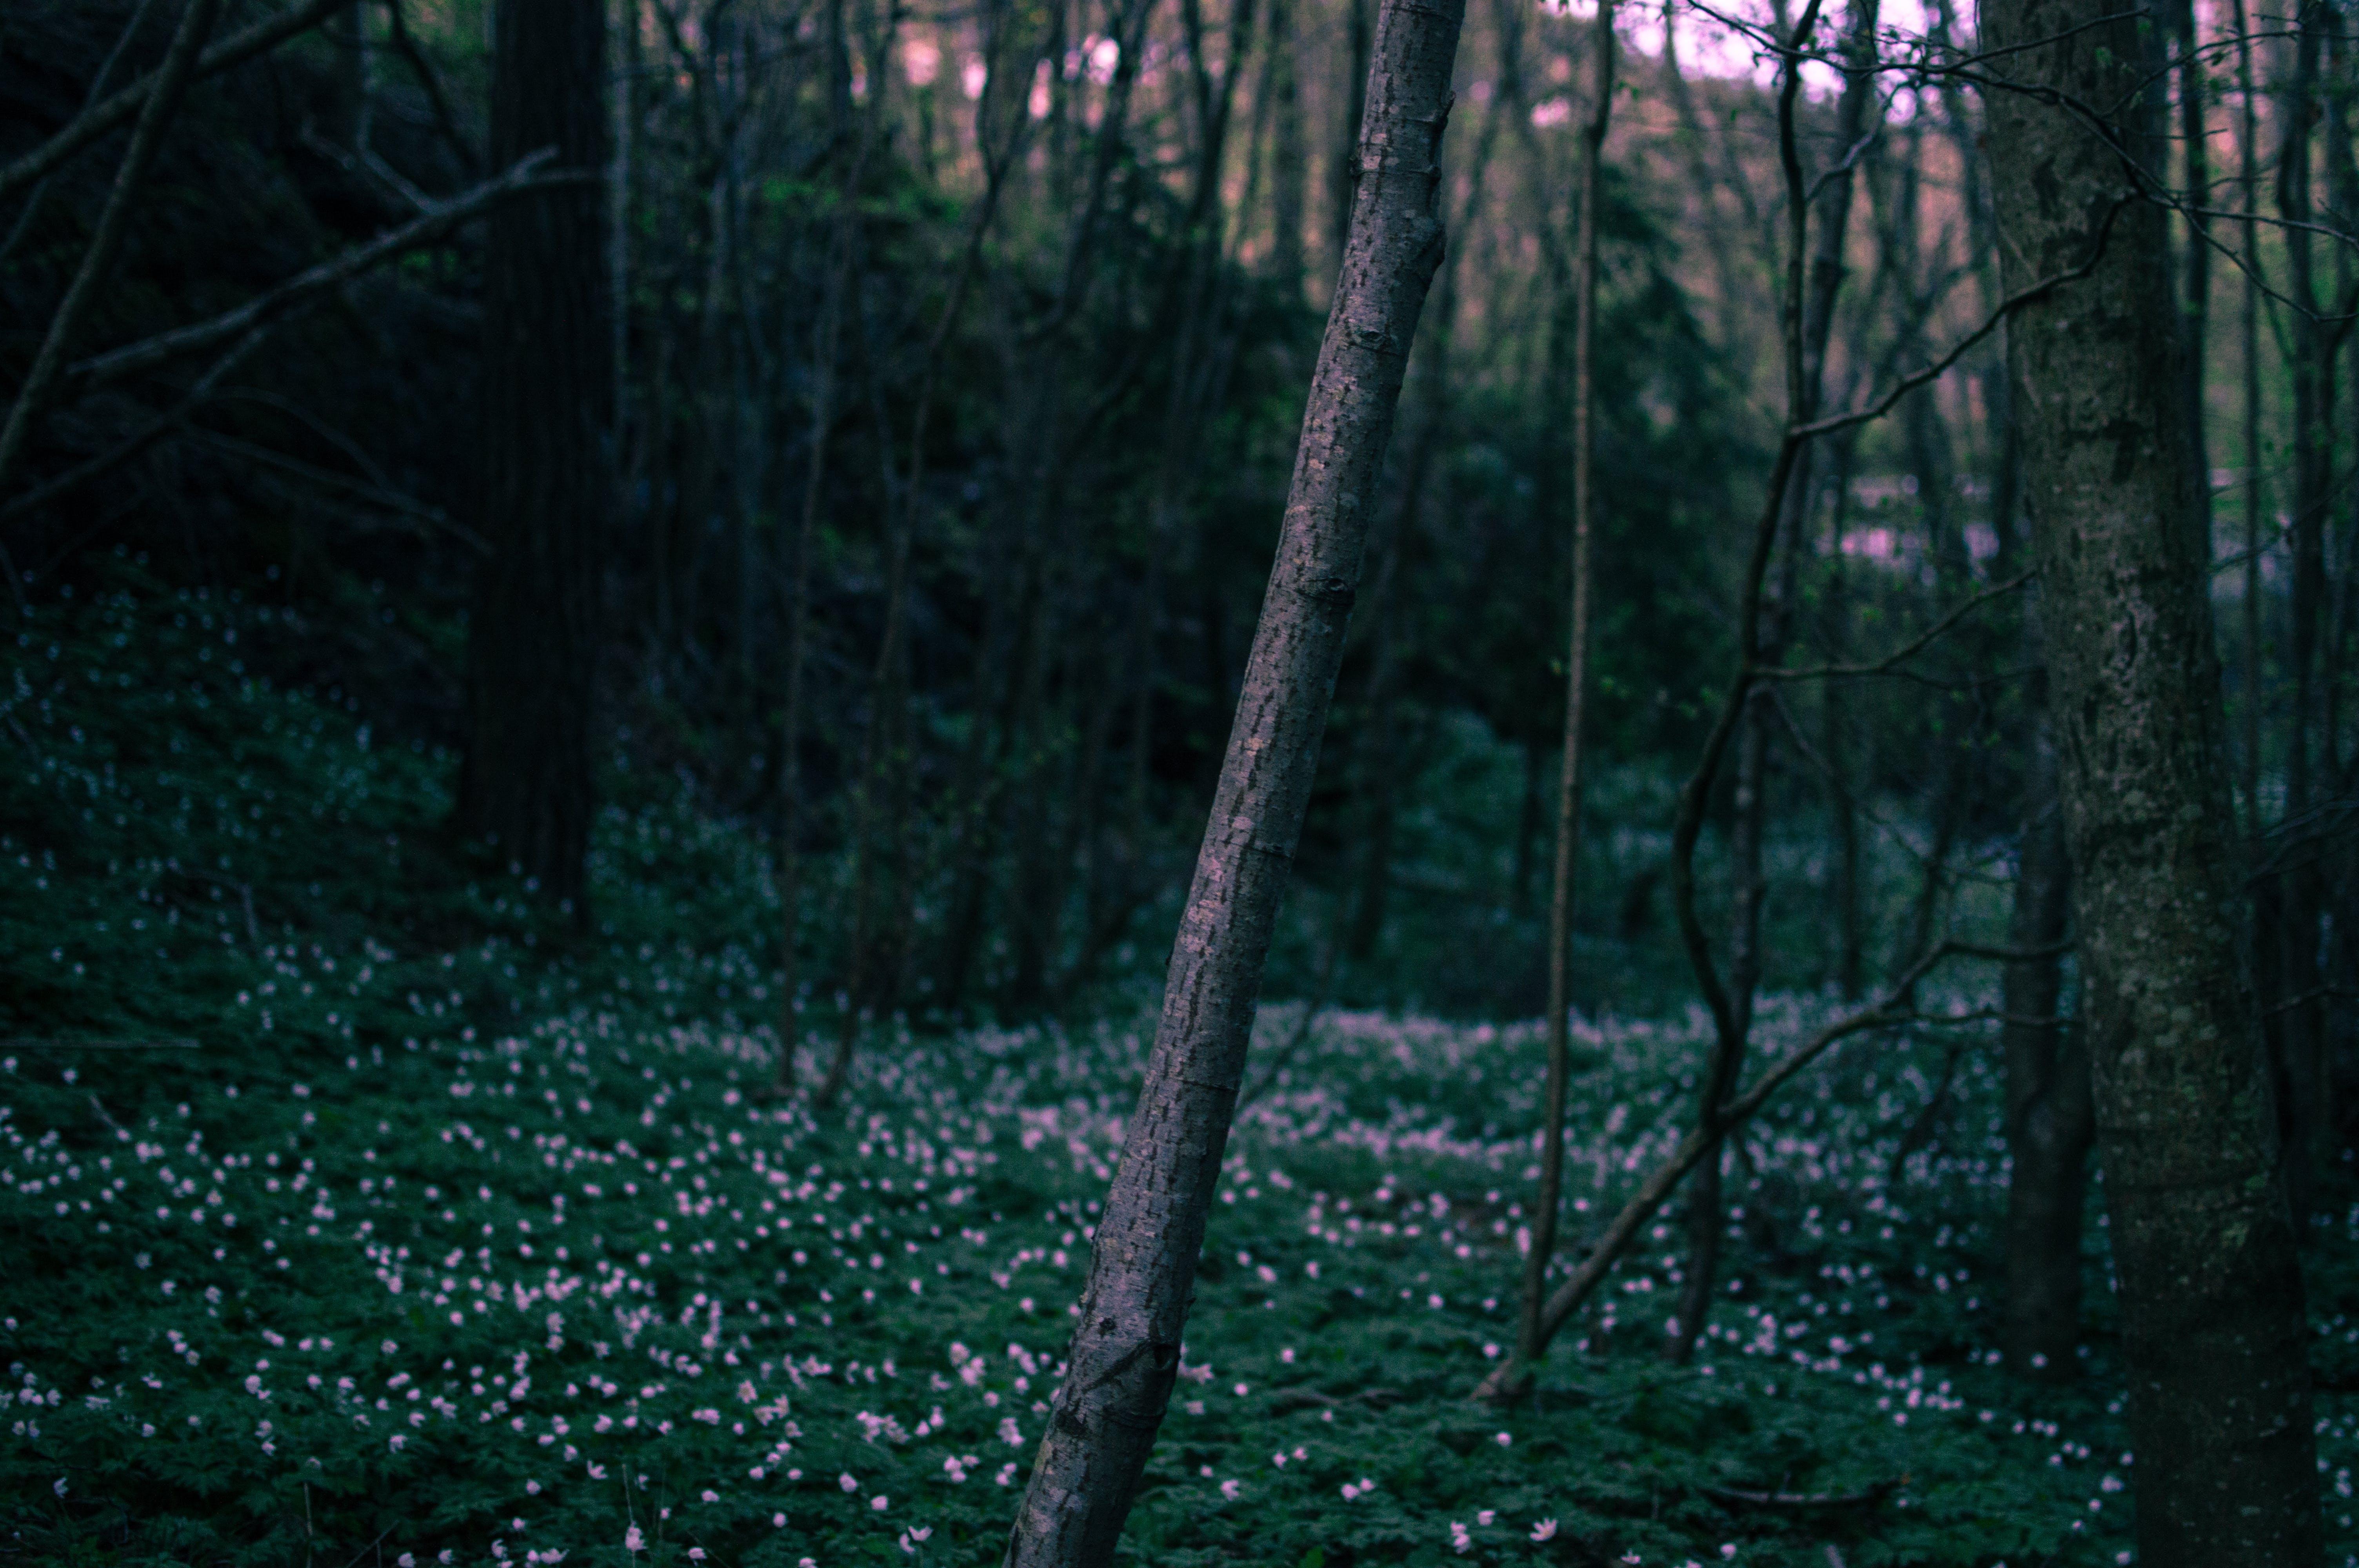 dawn, dusk, flowers